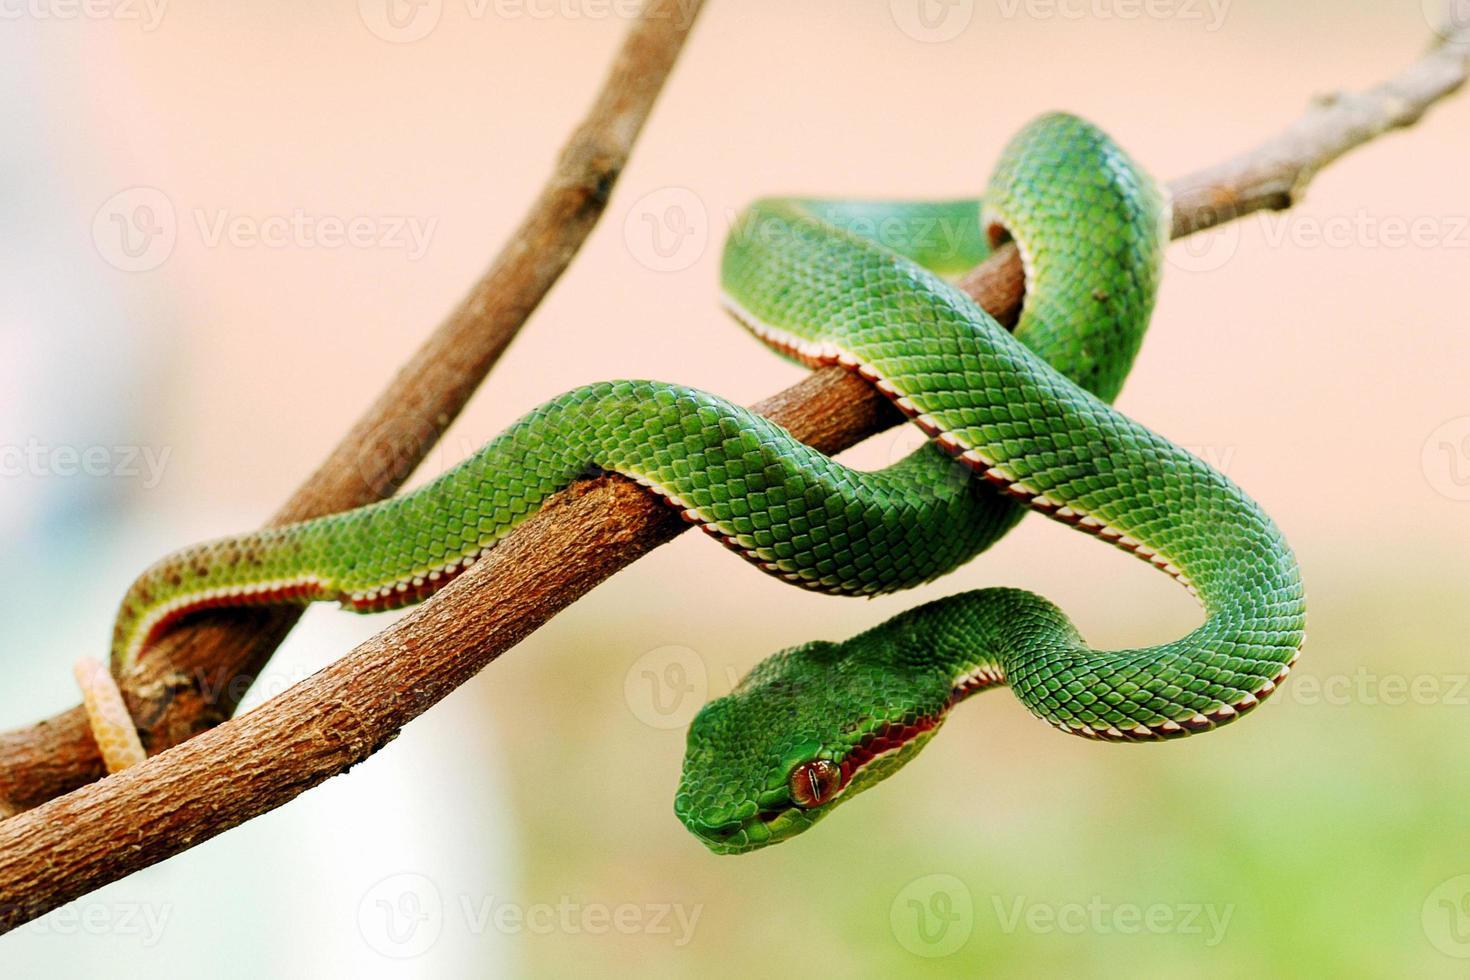 grüne Schlange um einen Ast gewickelt foto